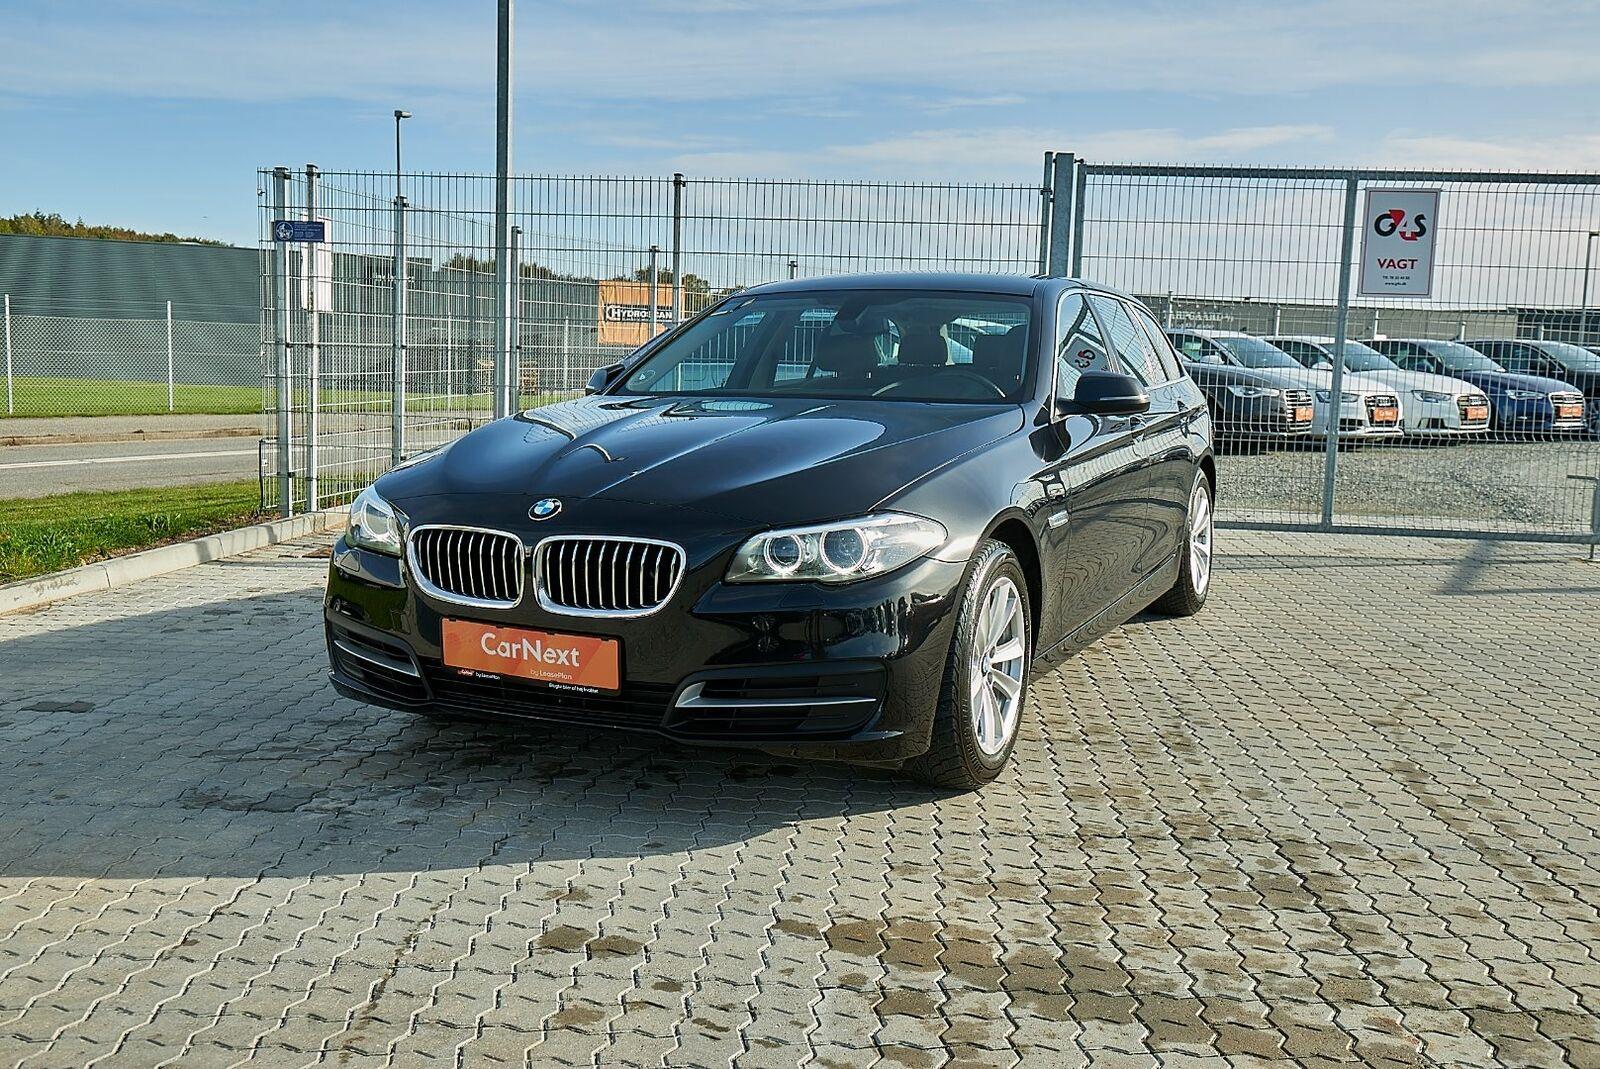 BMW 520d 2,0 Touring aut. 5d - 279.900 kr.